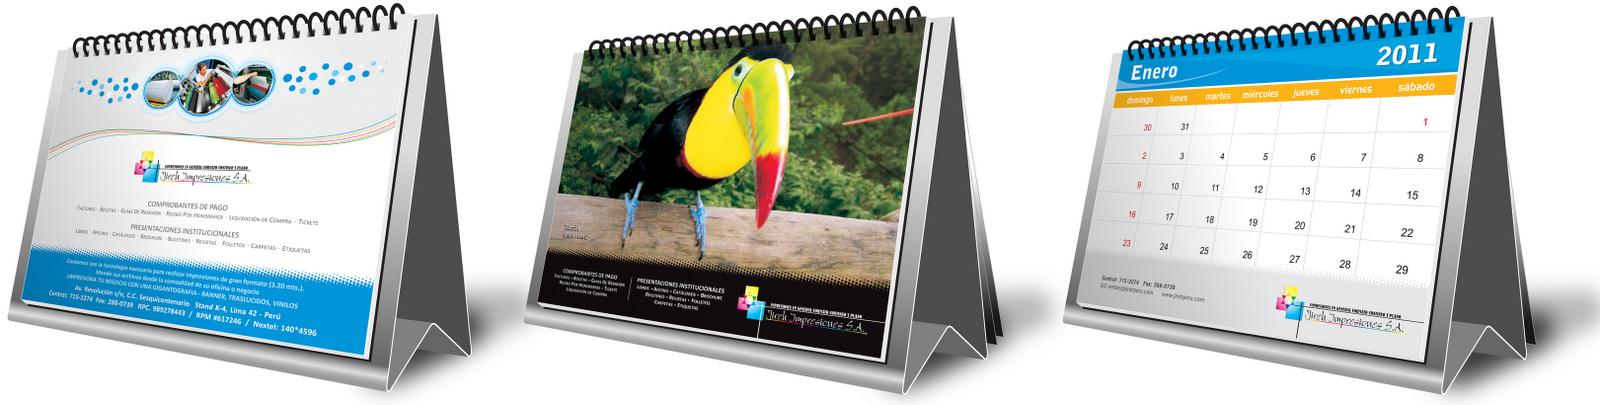 Art f4 dise o publicitario calendario de escritorio - Disenos de calendarios ...